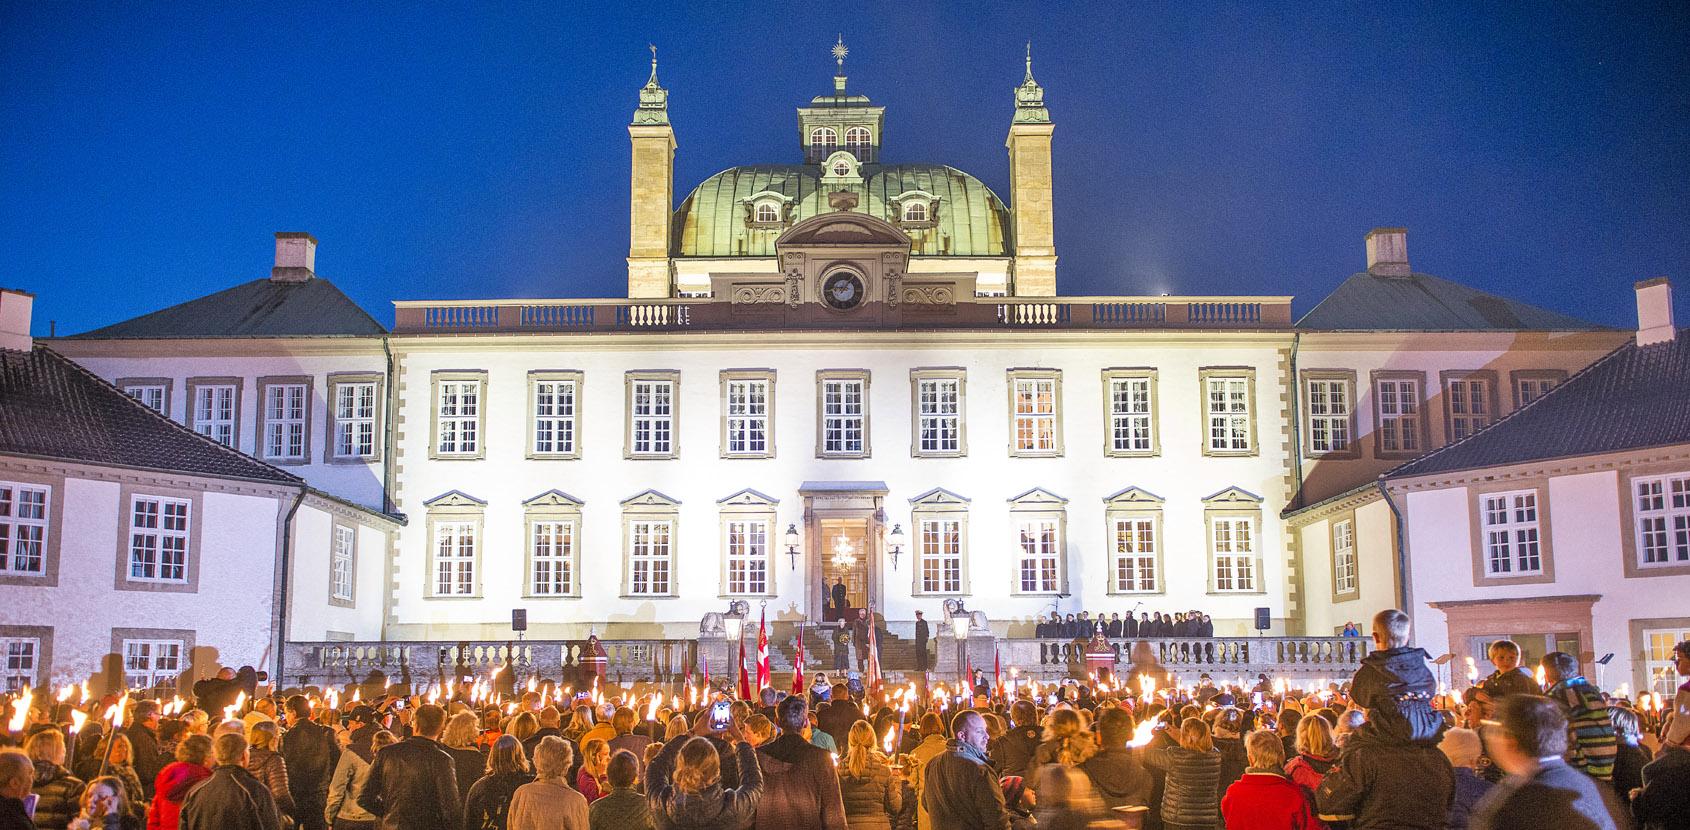 Fakkeloptog, ifbm at Dronningen og Prinsgemalen flytter ind på Fredensborg i April 2015. Foto: Thomas Rahbek